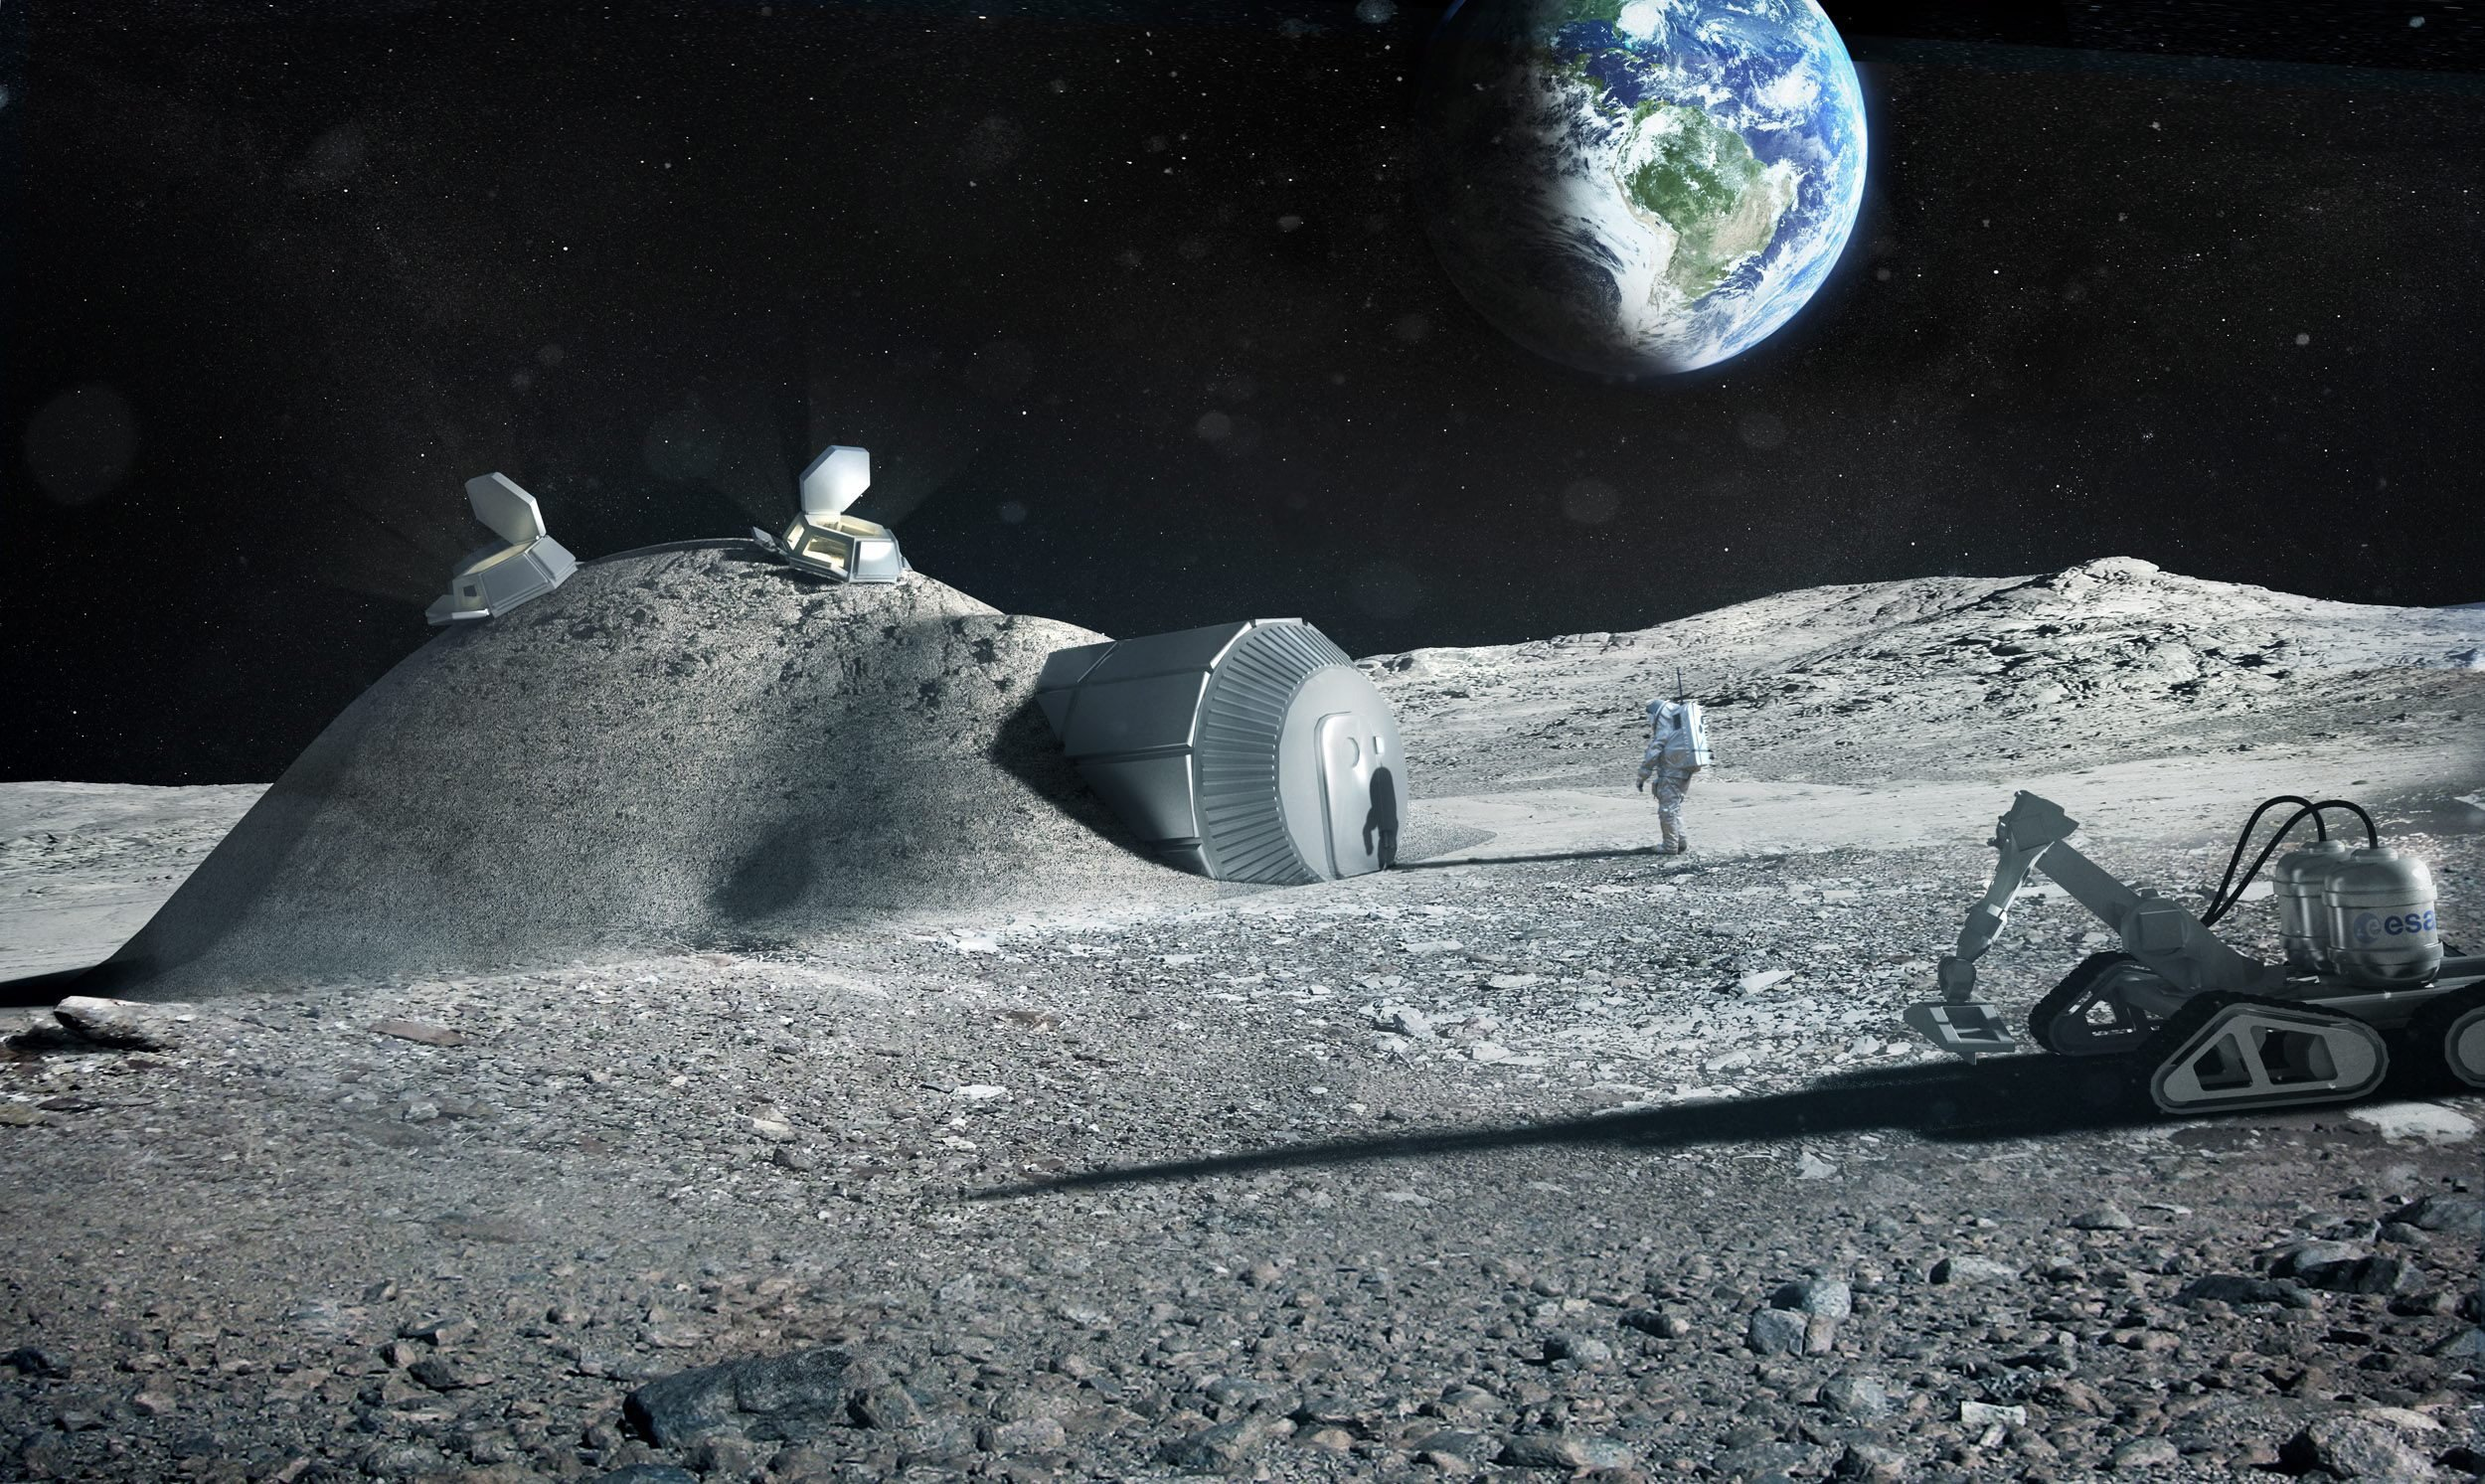 Künstlerische Darstellung einer Mondbasis am 17. Oktober 2015 herausgegeben von der ESA. Nach Ansicht der europäischen Raumfahrtagentur wäre sie sehr viel einfacher aufzubauen, wenn dafür ein 3D-Drucker und Materialien vom Mond genutzt werden könnten.